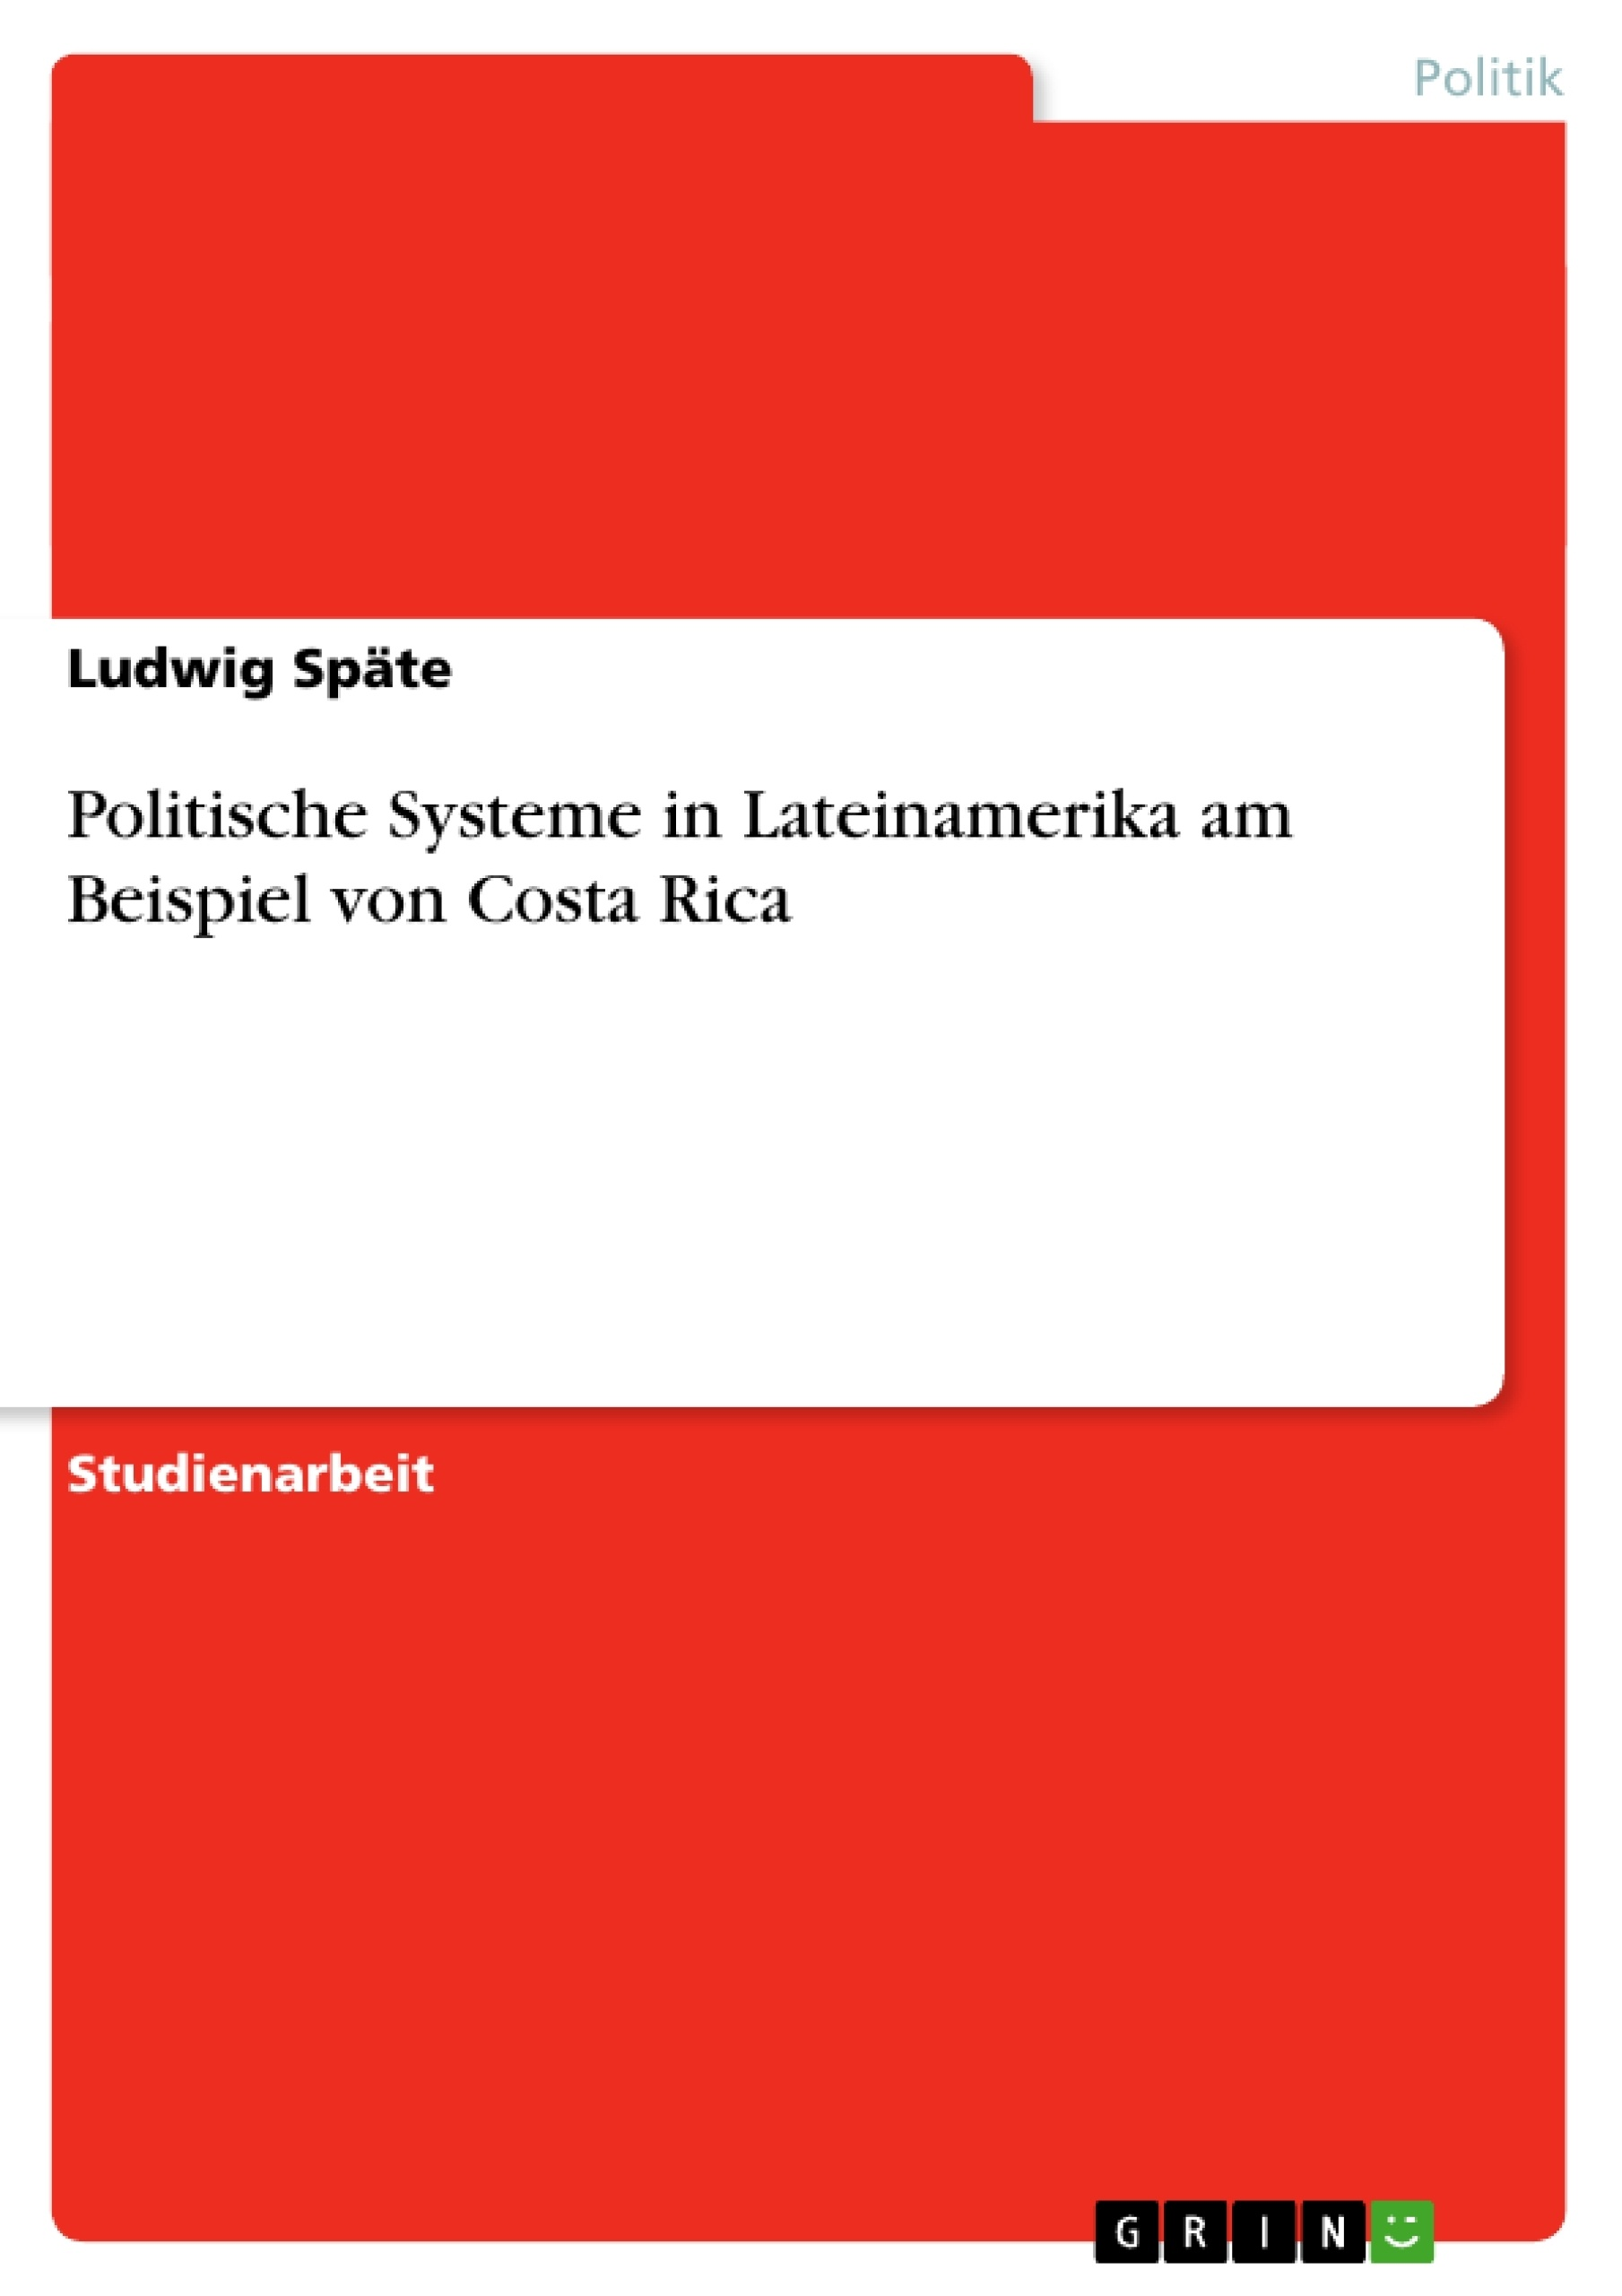 Titel: Politische Systeme in Lateinamerika am Beispiel von Costa Rica